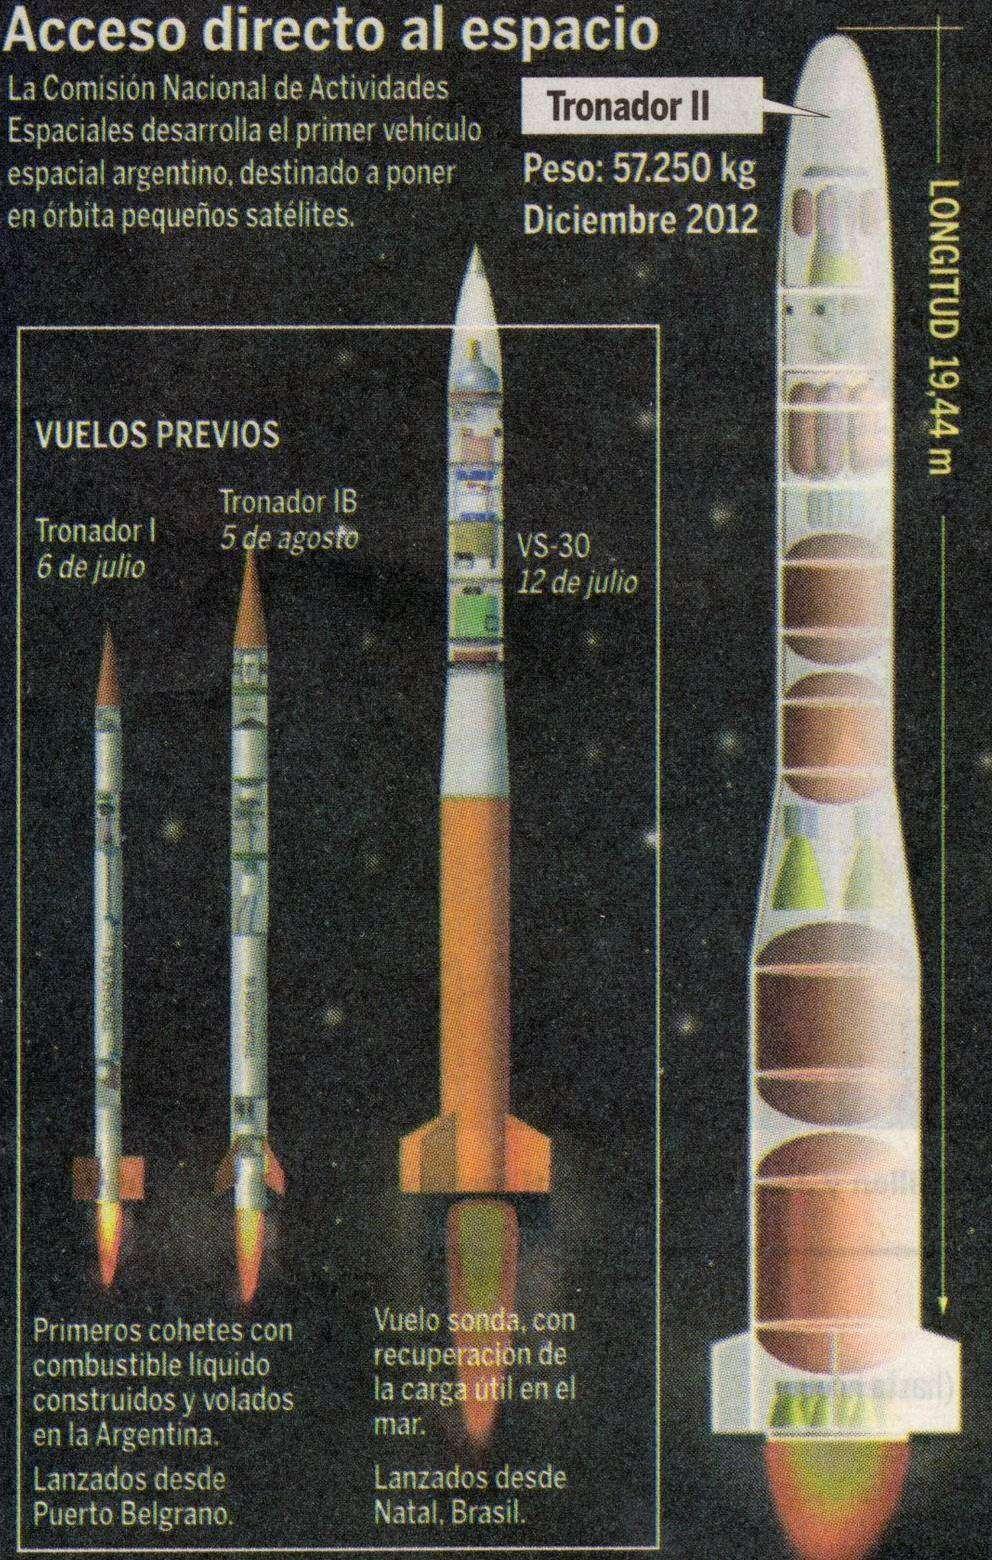 Comme de nombreux pays en accélération, l'Argentine veut se doter de capacités de lancement capables de garantir un accès à l'espace indépendant. Crédit CONAE